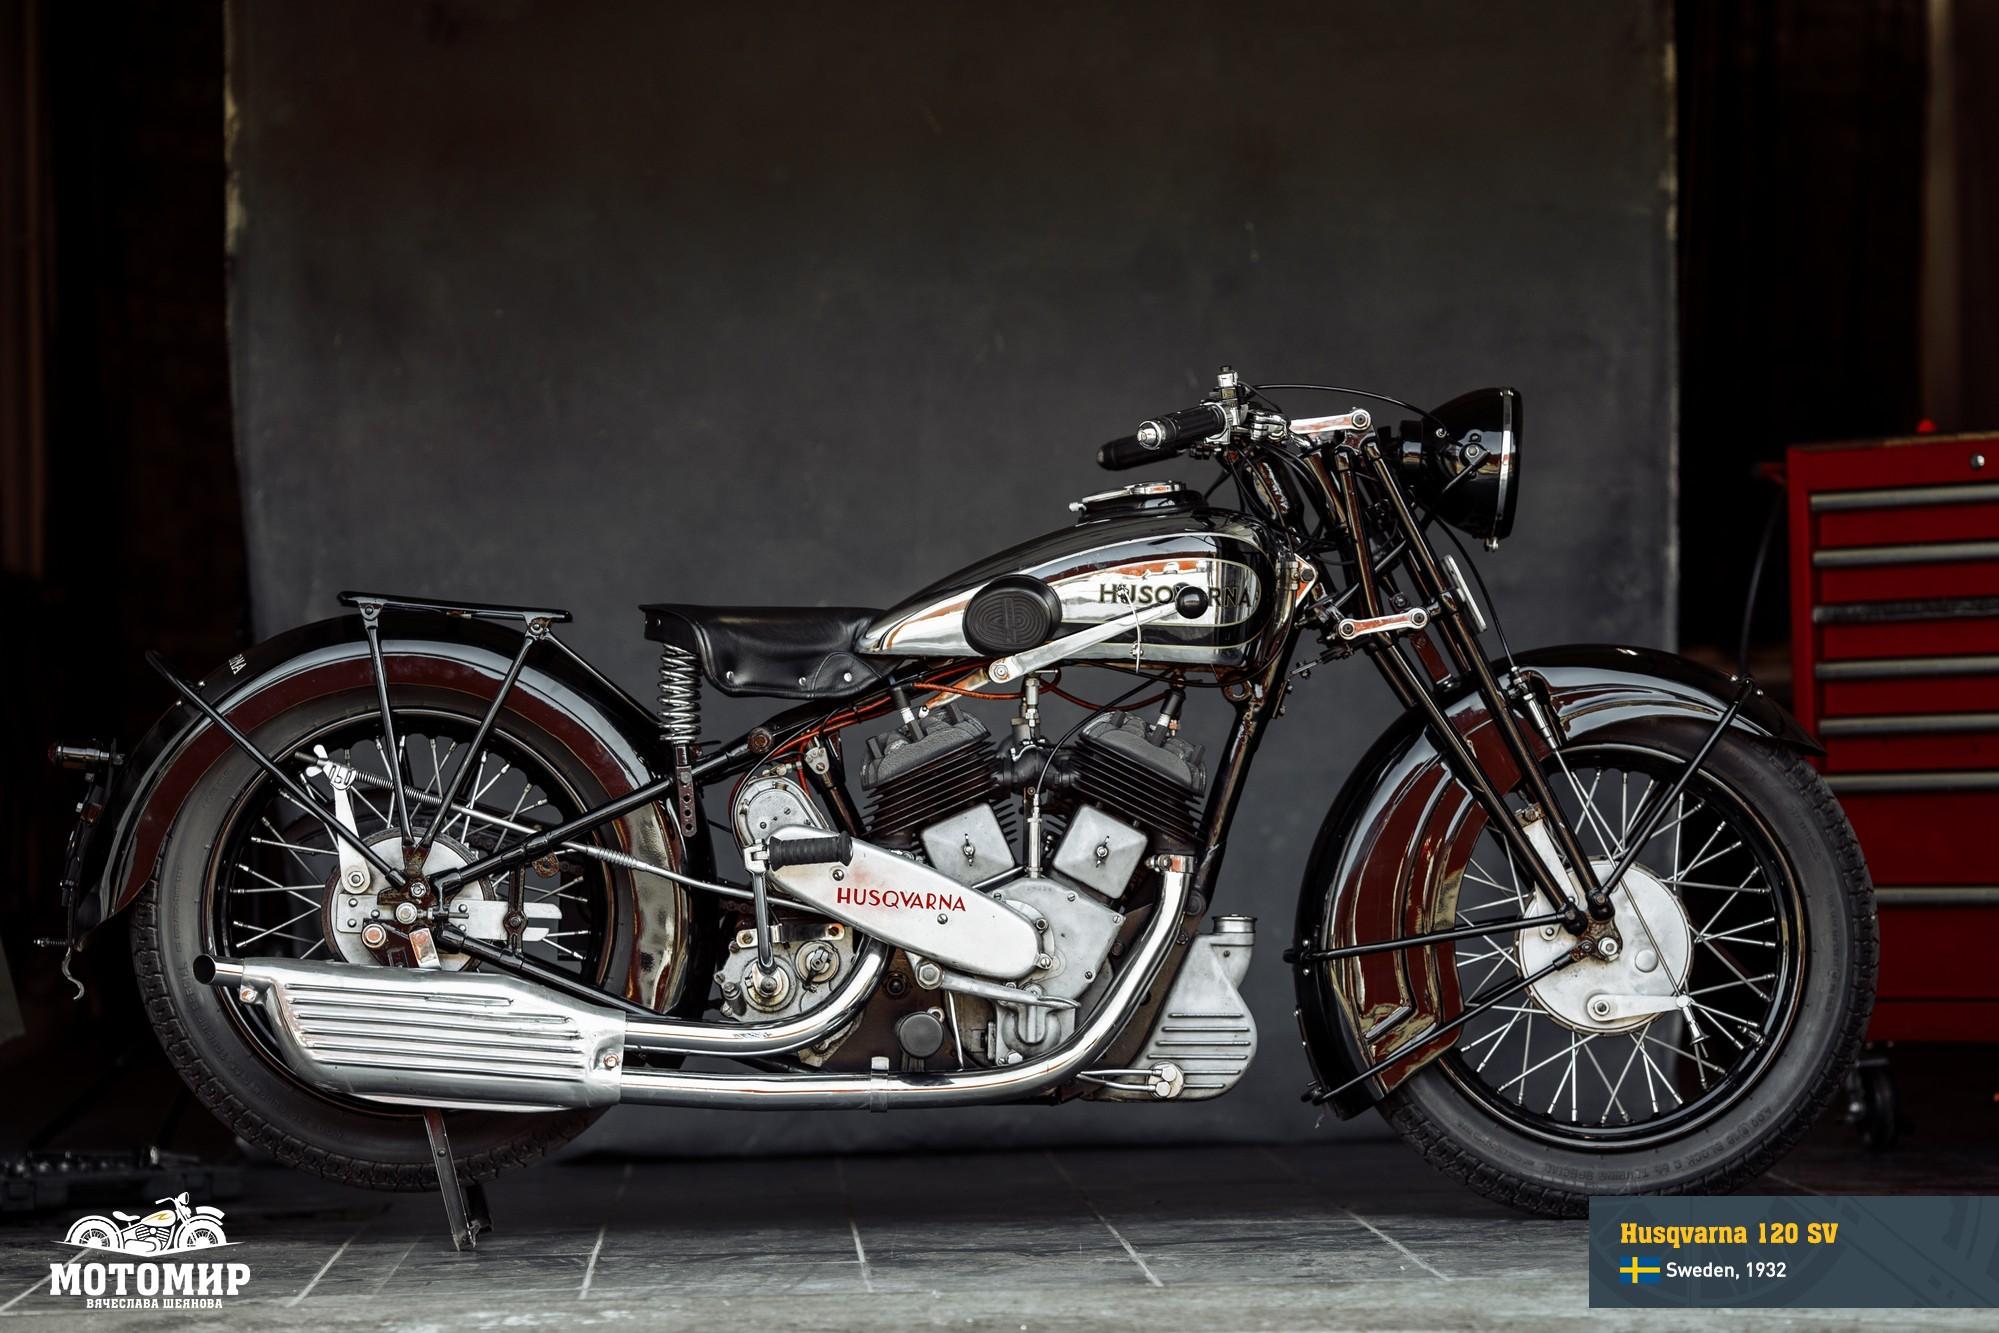 1932, Husqvarna 120 SV